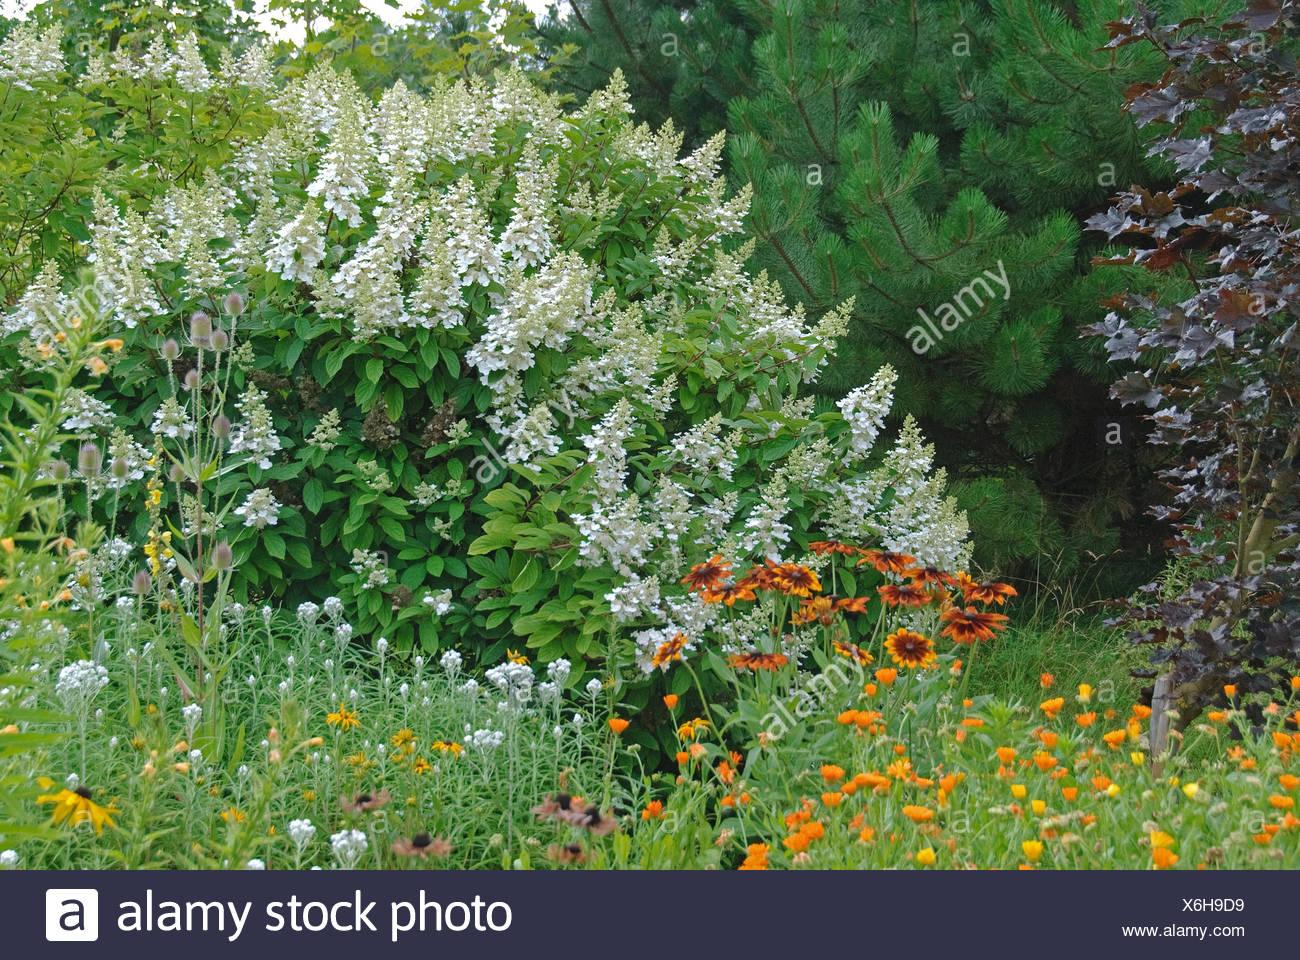 Panicle hydrangea (Hydrangea paniculata 'Kyushu', Hydrangea paniculata Kyushu), cultivar Kyushu, blooming - Stock Image